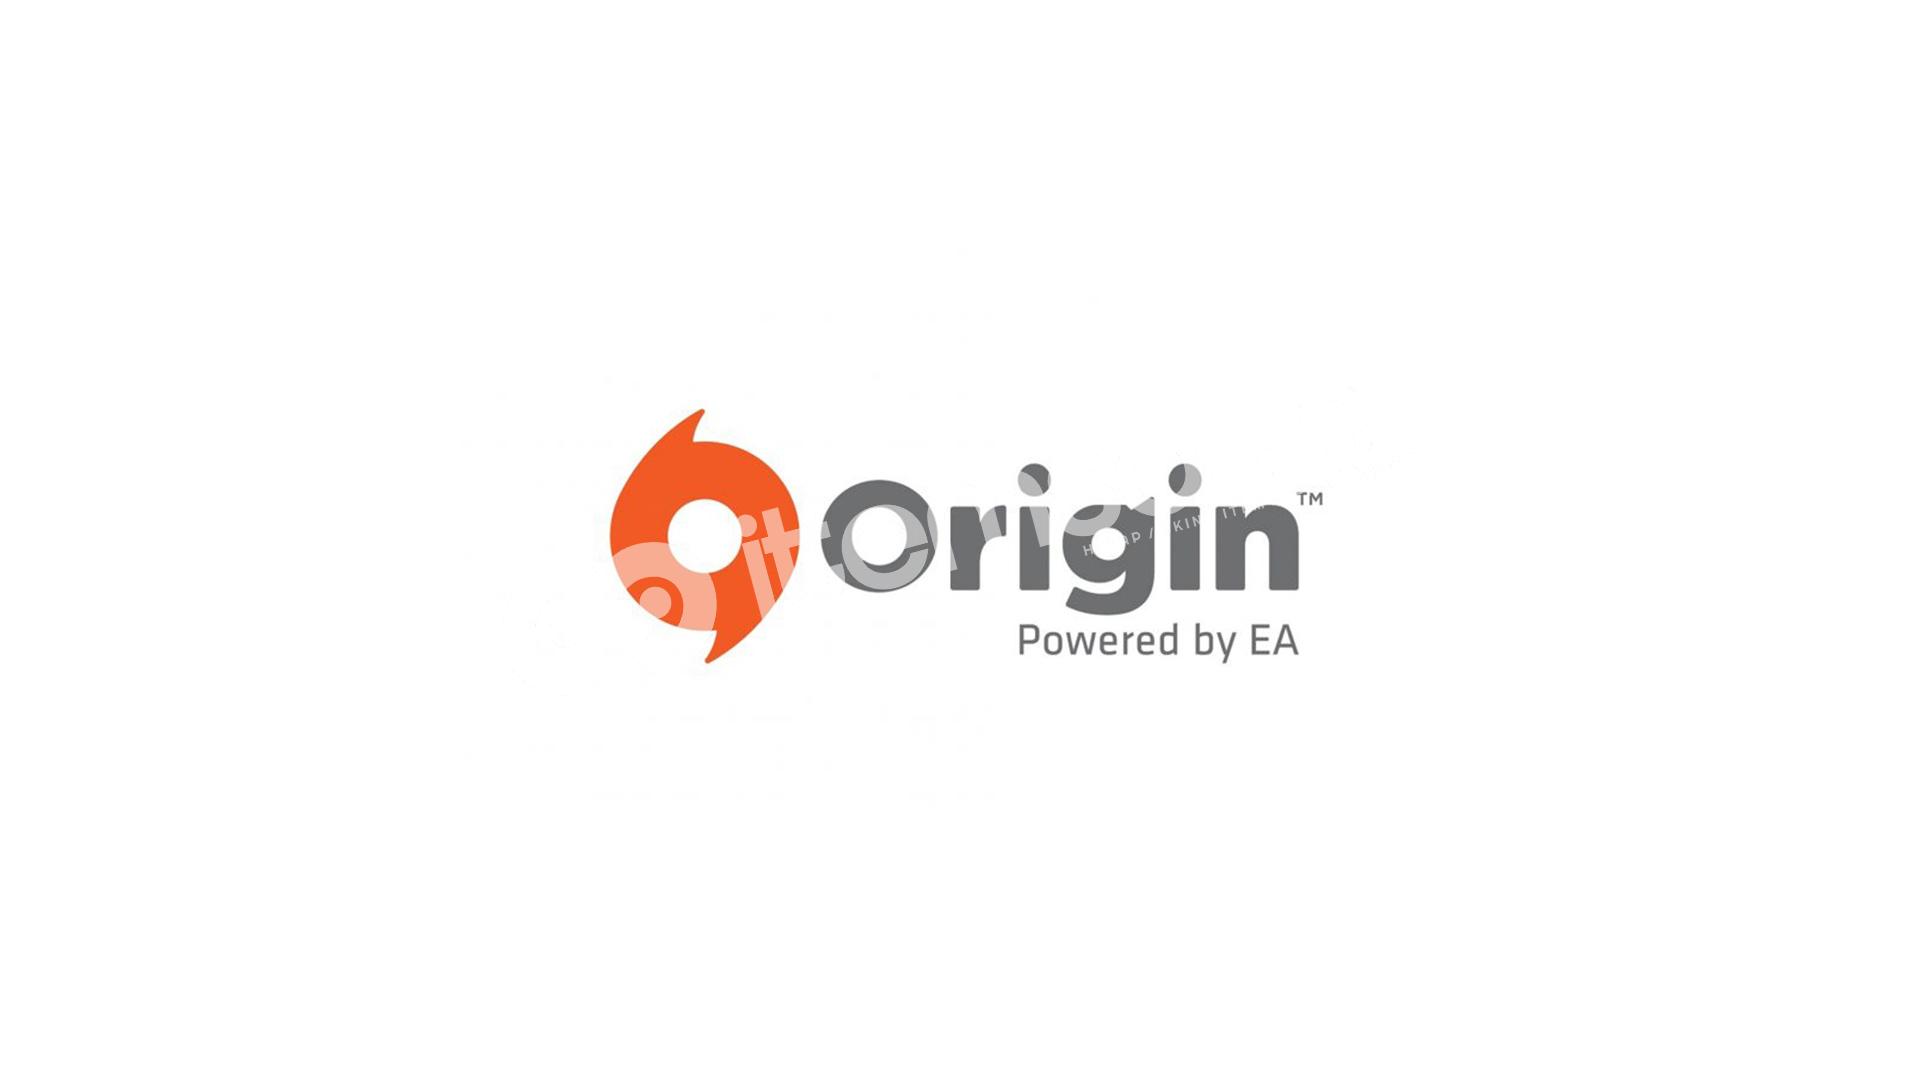 Rastgele Origin Hesapları + Mail [veri değişikliği]